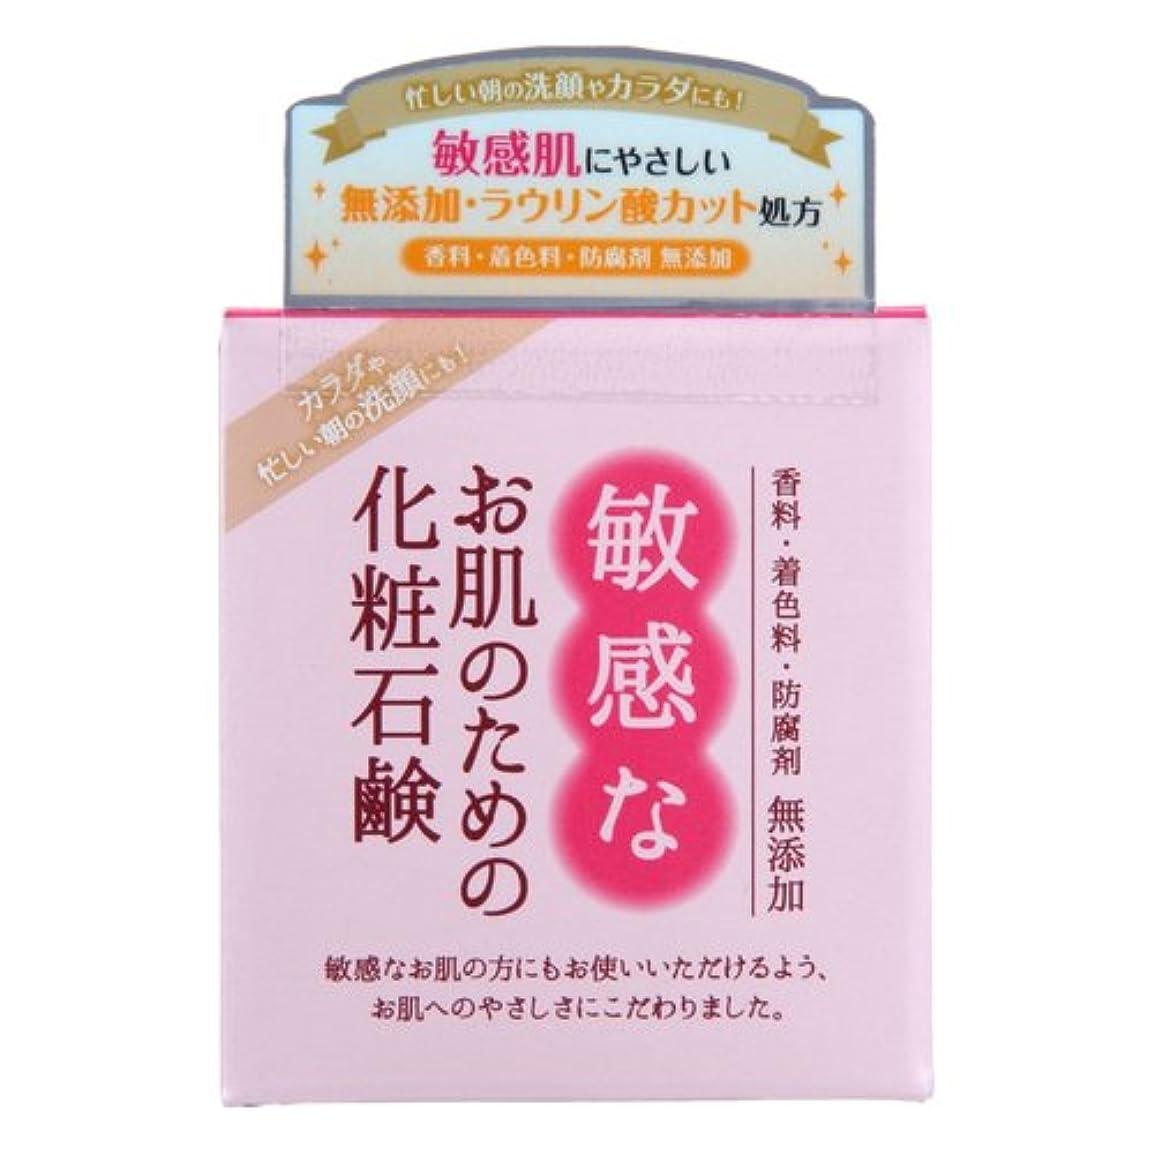 奪う歩行者貨物敏感なお肌のための化粧石鹸 100g CBH-S